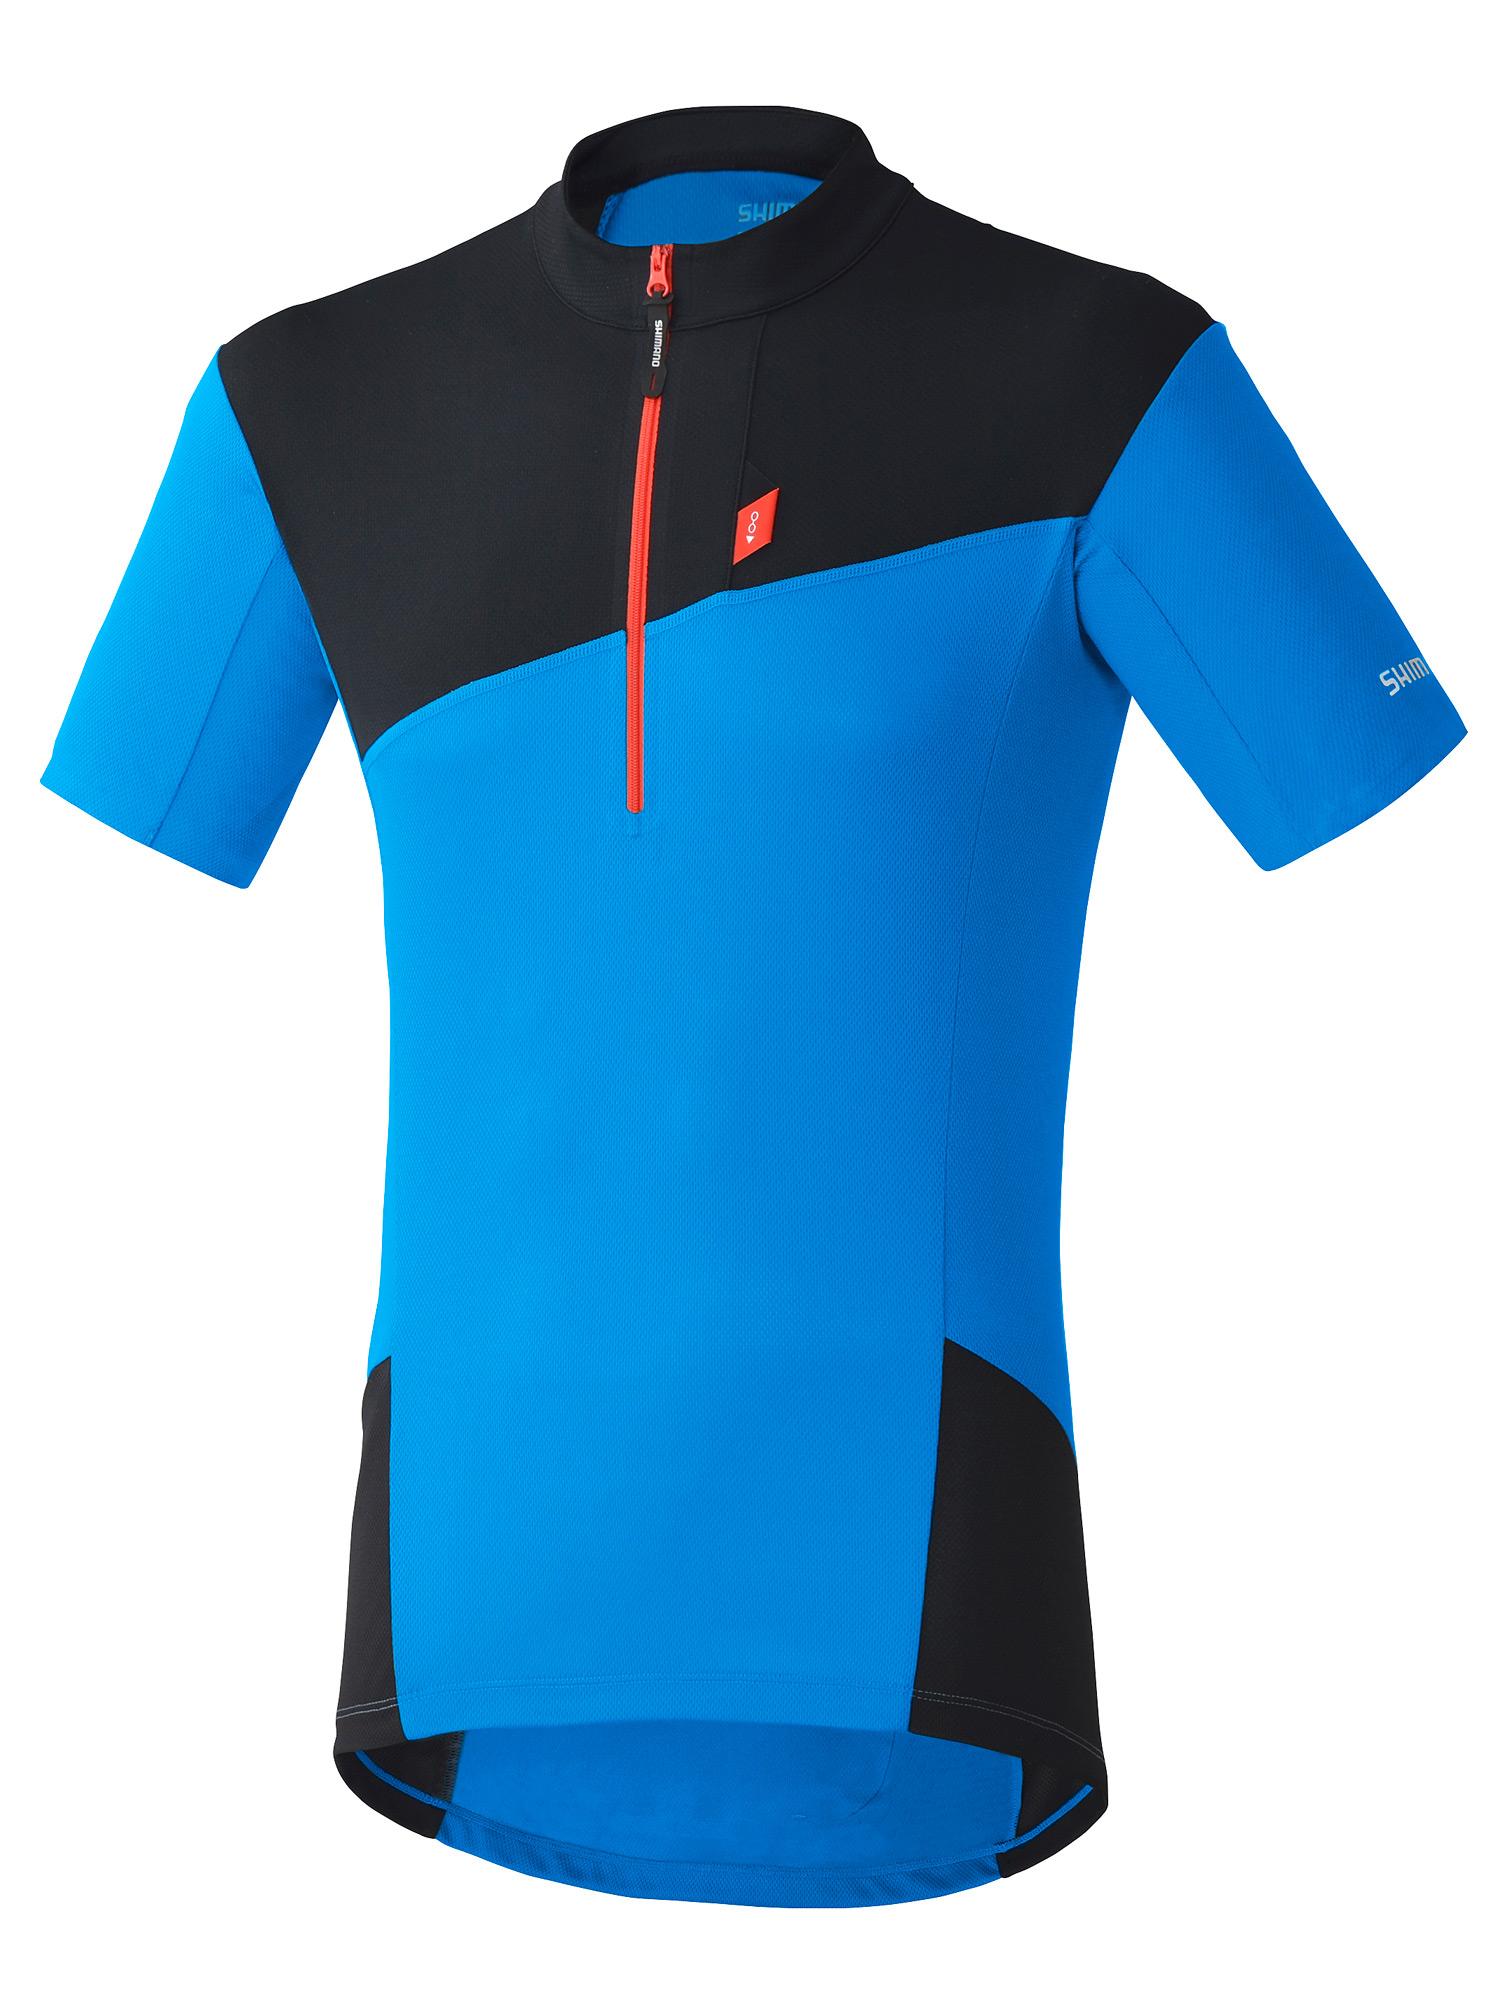 Shimano Explorer-Transit clothing-urban-touring-riding-gear Transit-trail-jersey-  ... 881043093